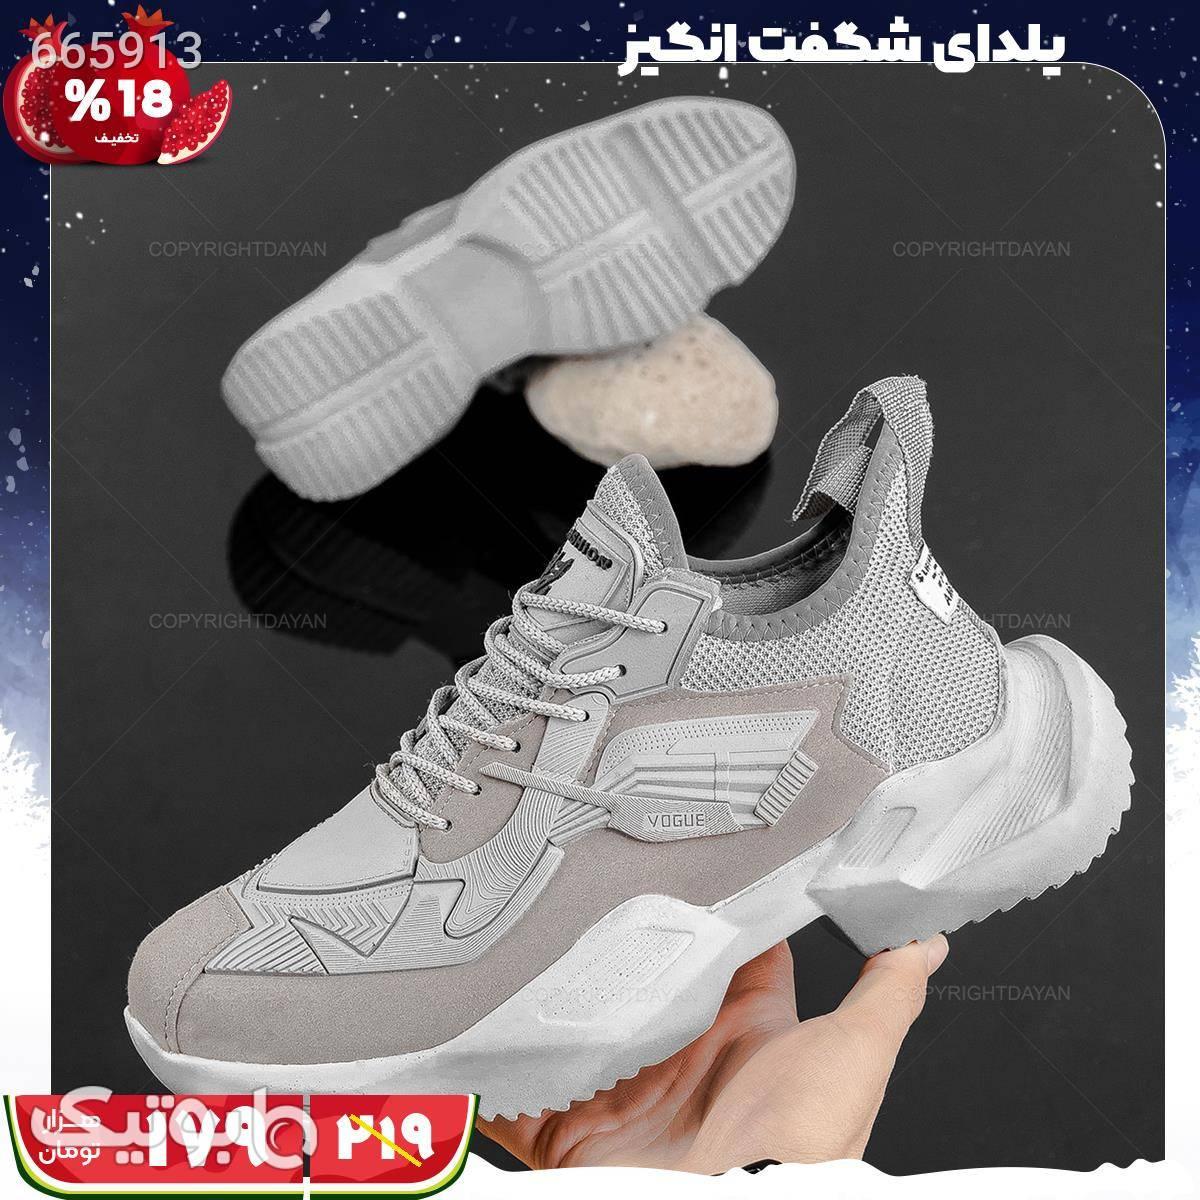 کفش مردانه آراز  نقره ای كفش مردانه